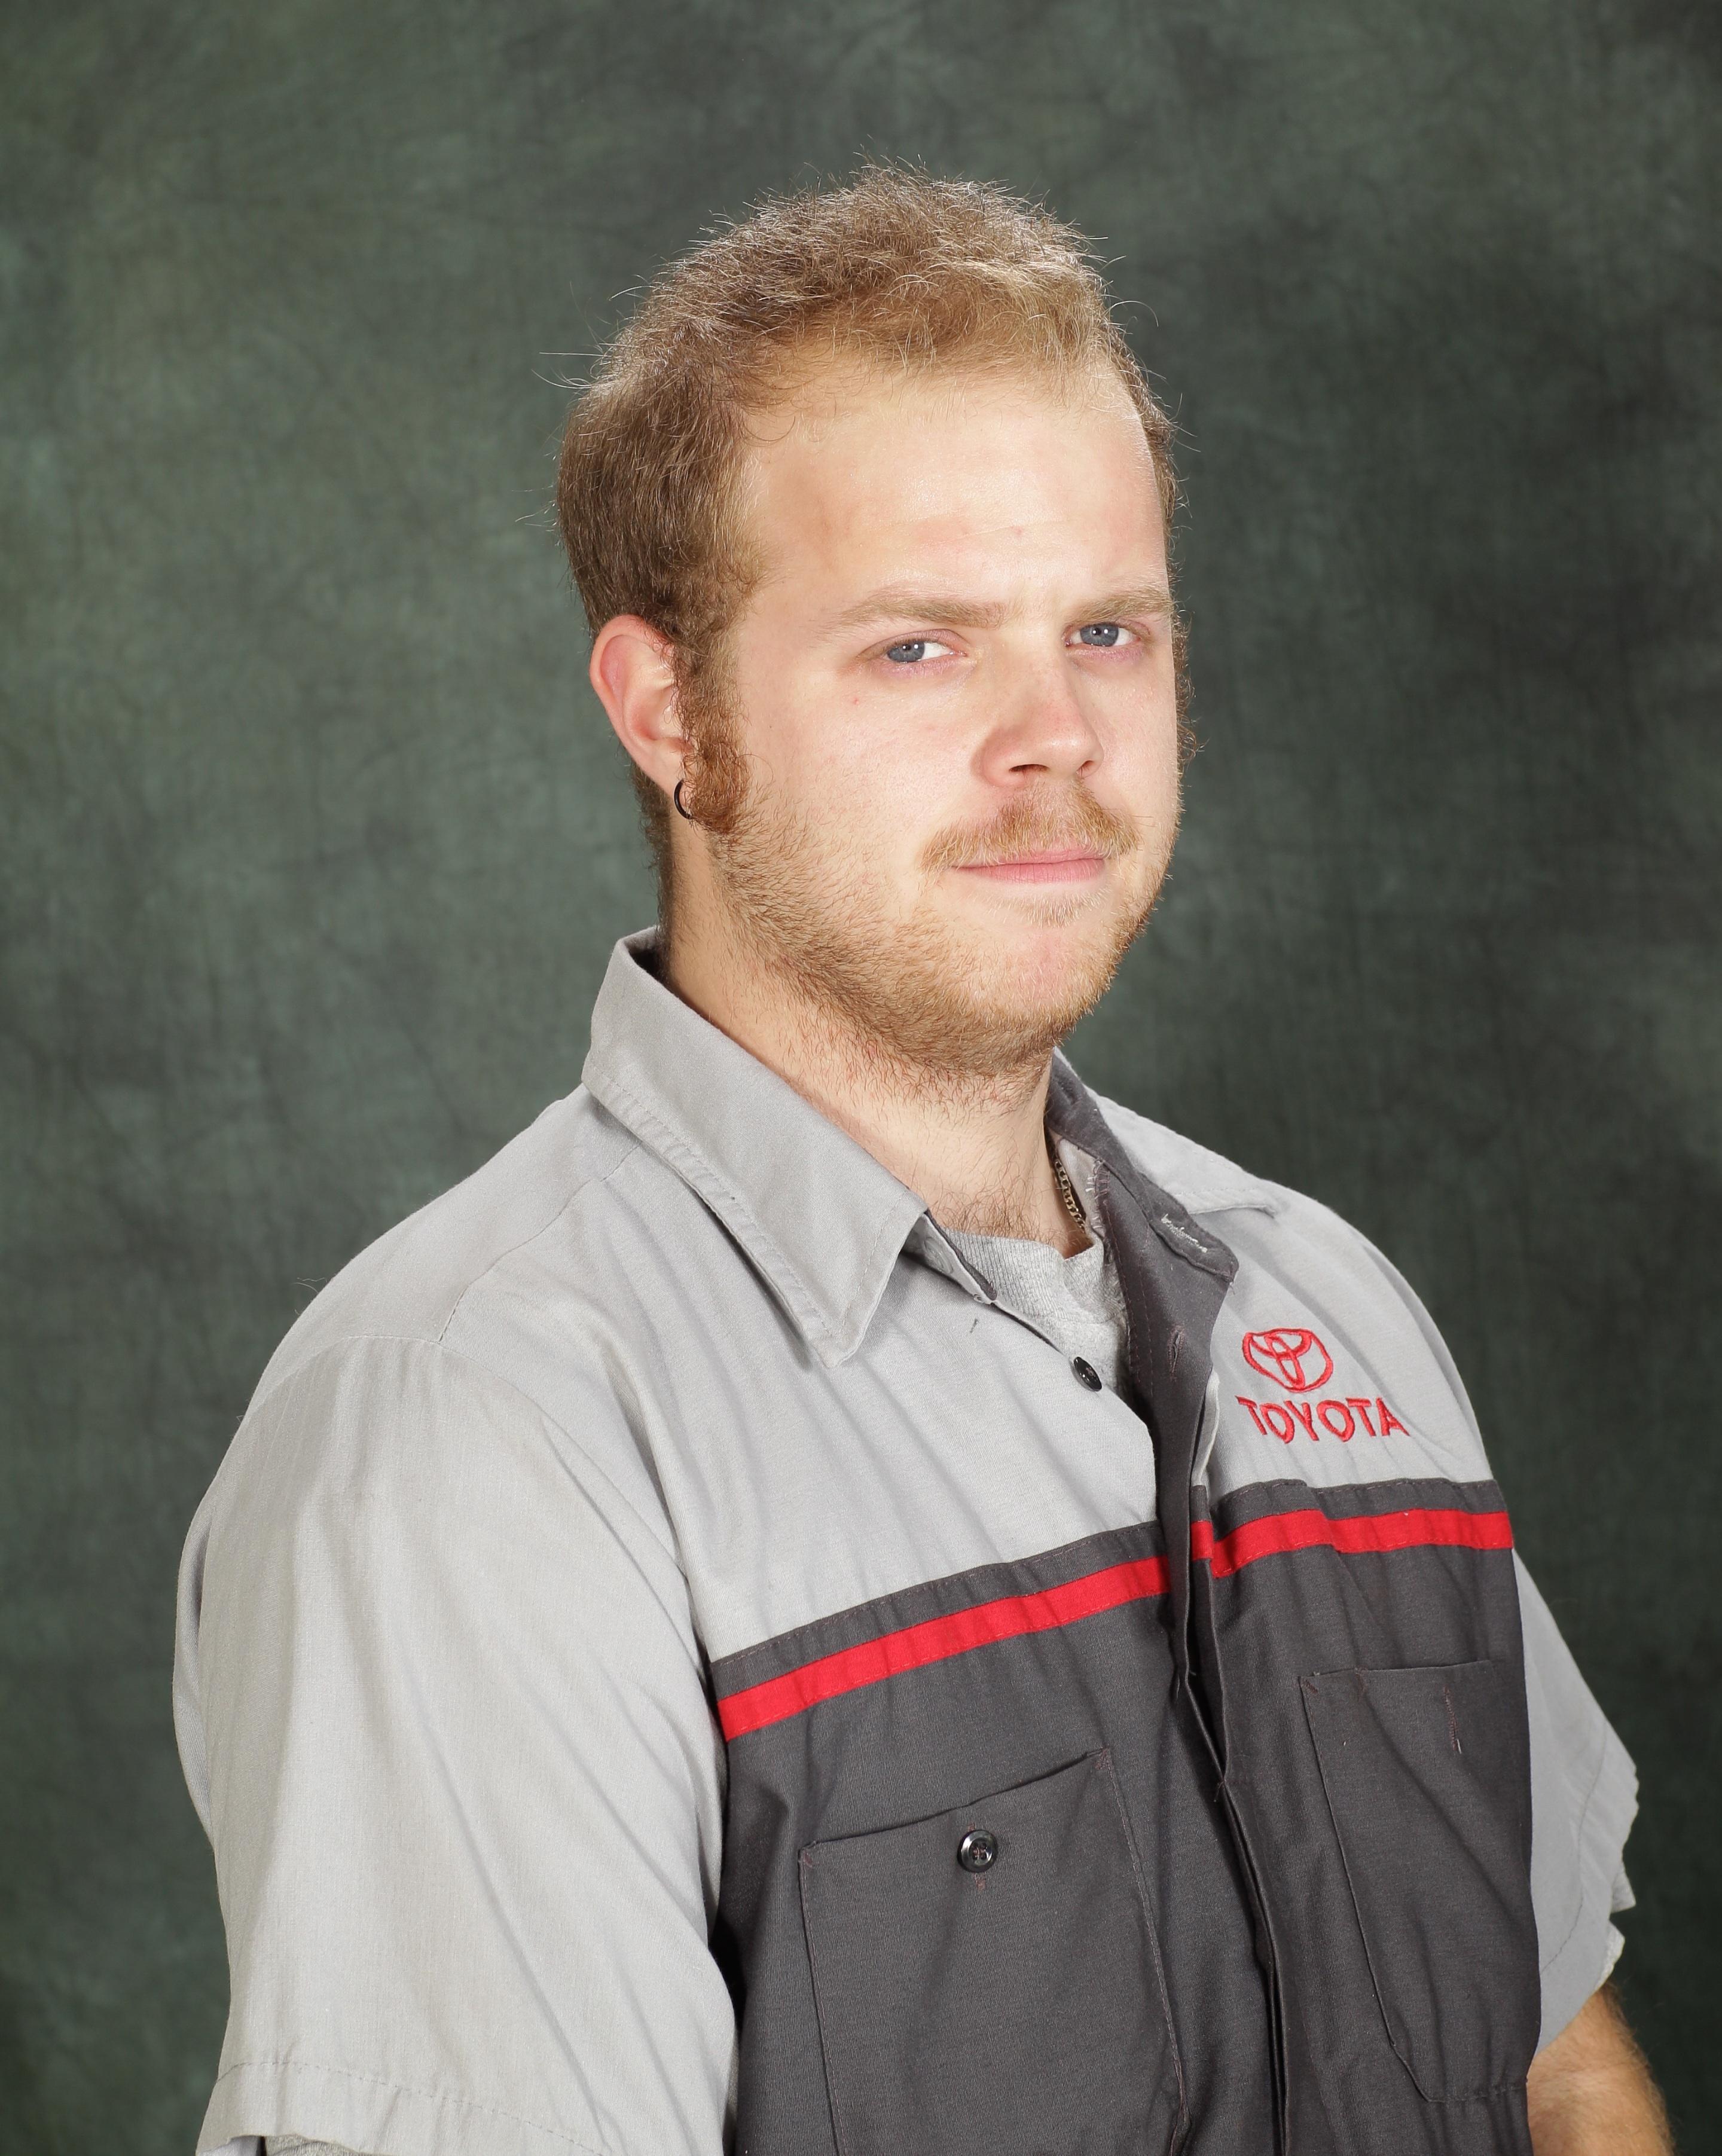 Cody   Story